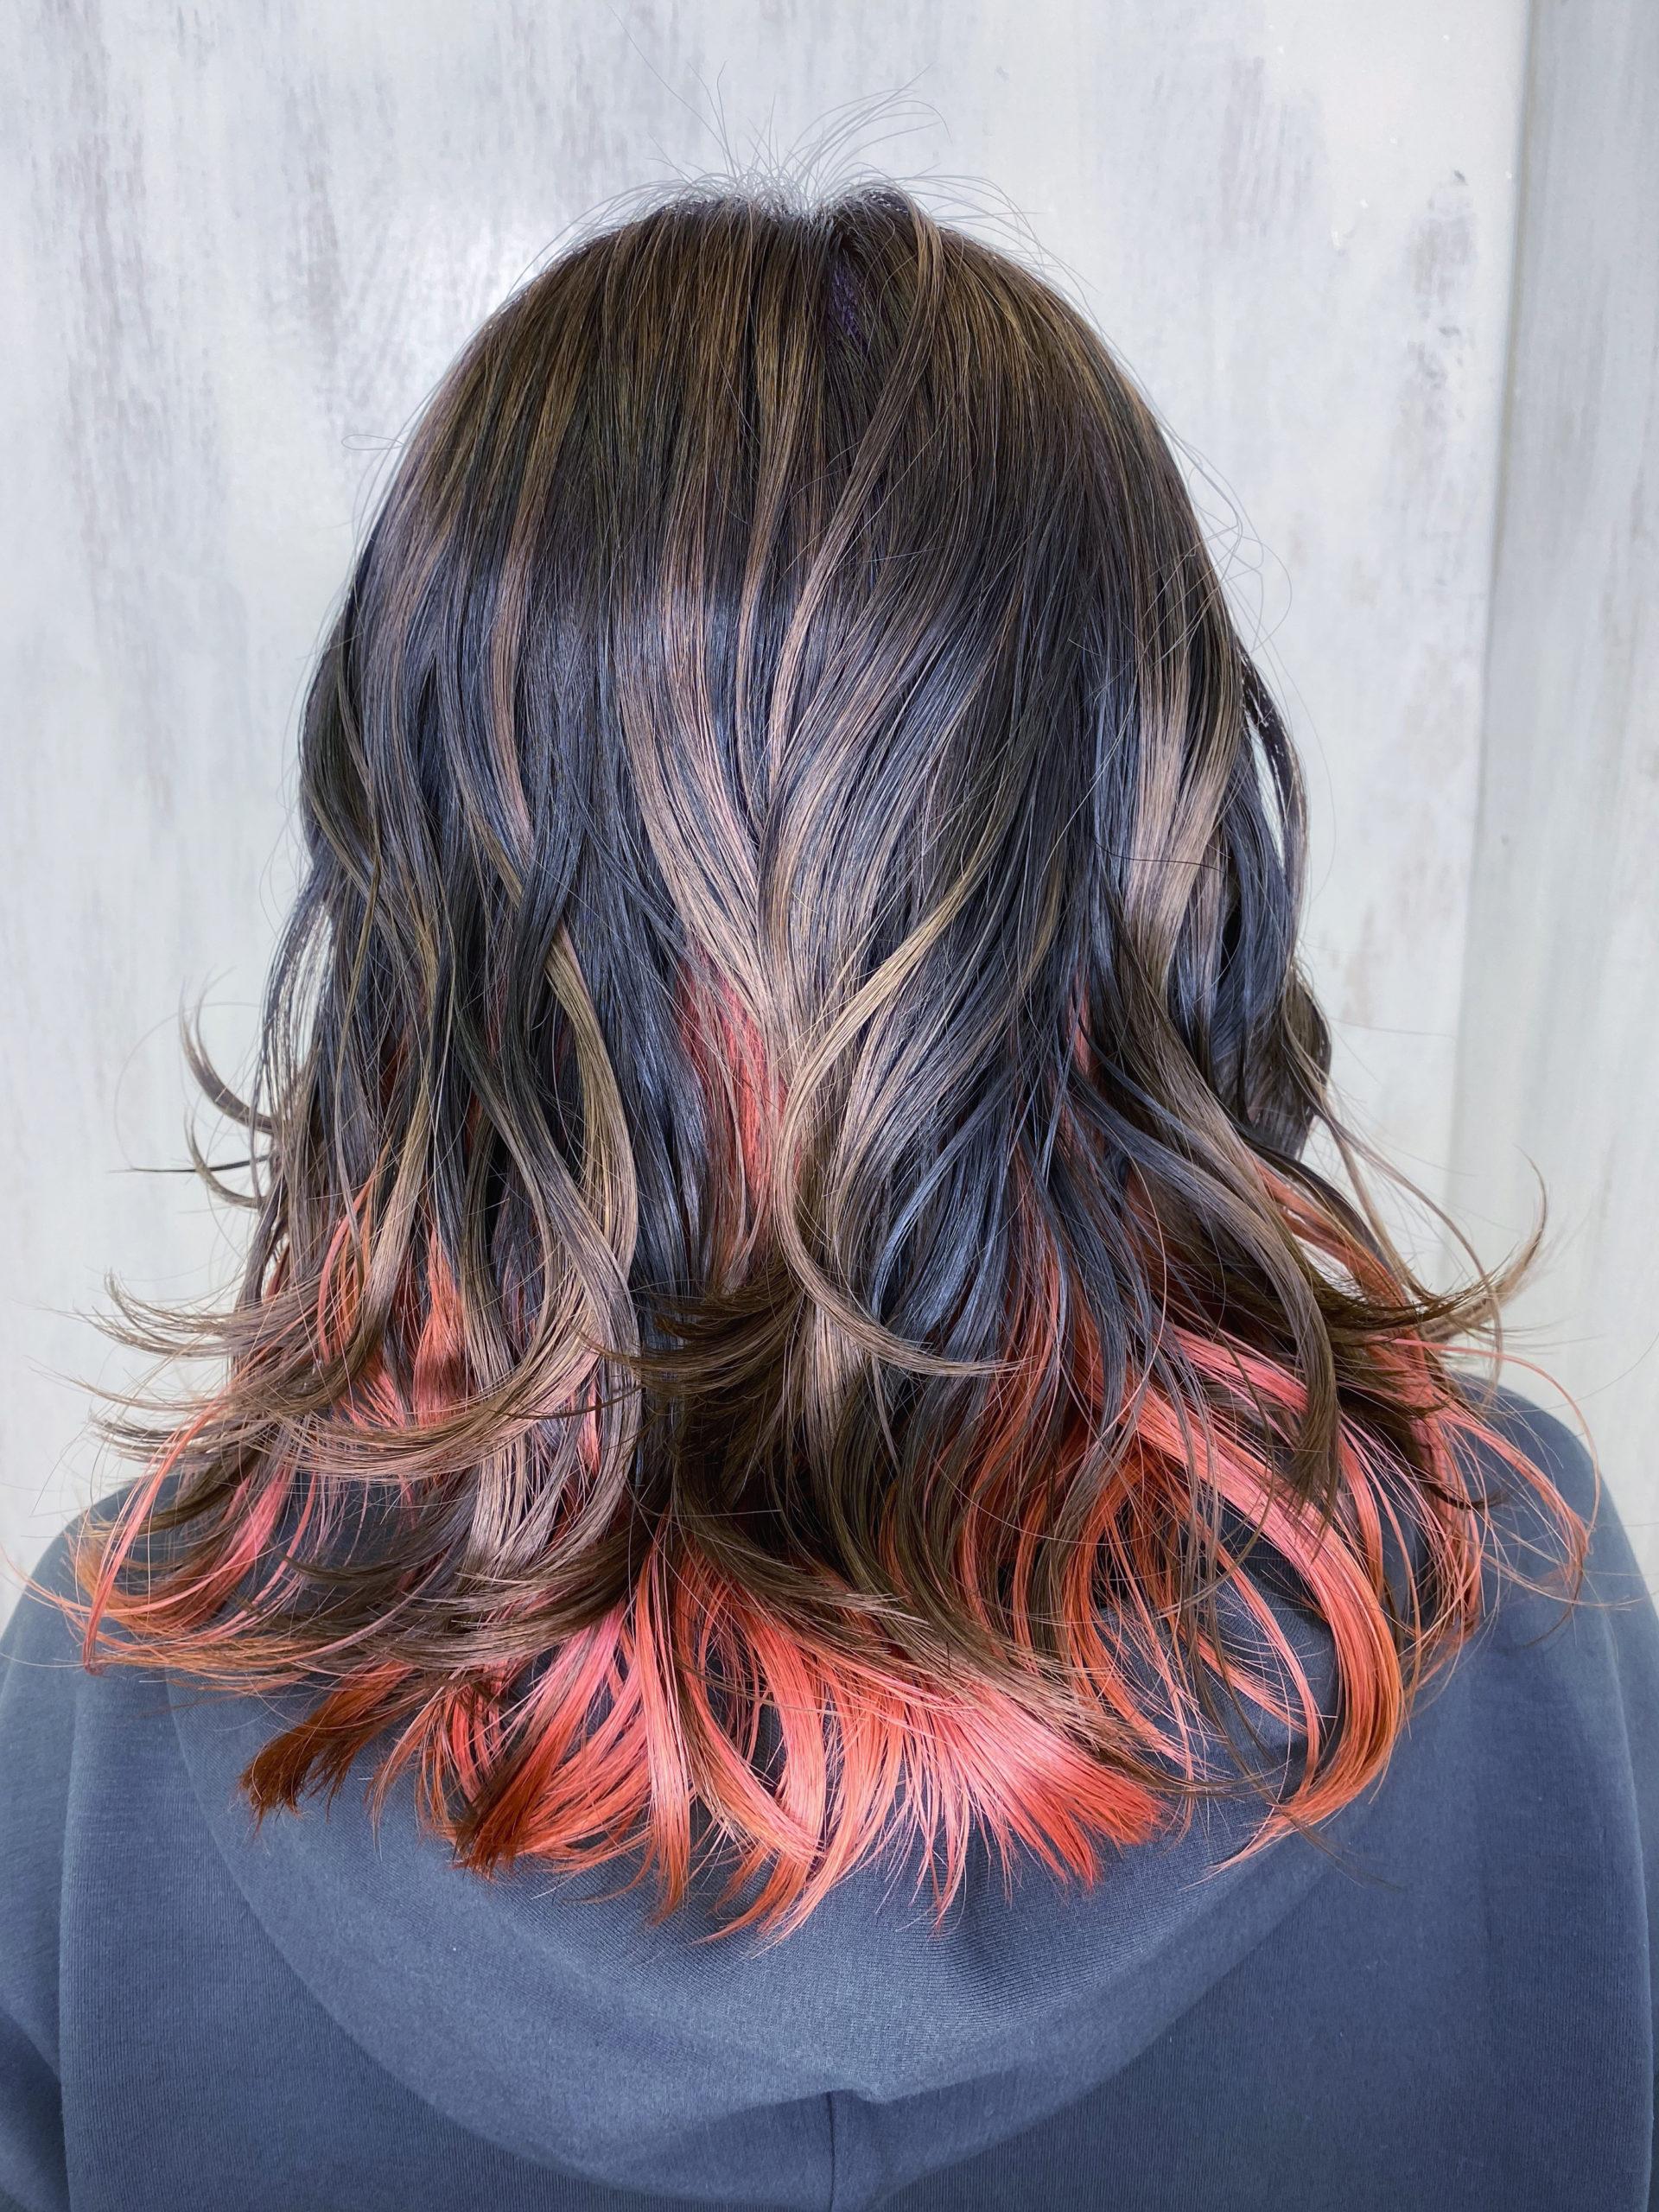 ケアブリーチ+ジュエリーシステム×オレオルカラーで艶髪インナーカラー。原宿・表参道『髪のお悩みを解決するヘアケア美容師の挑戦』